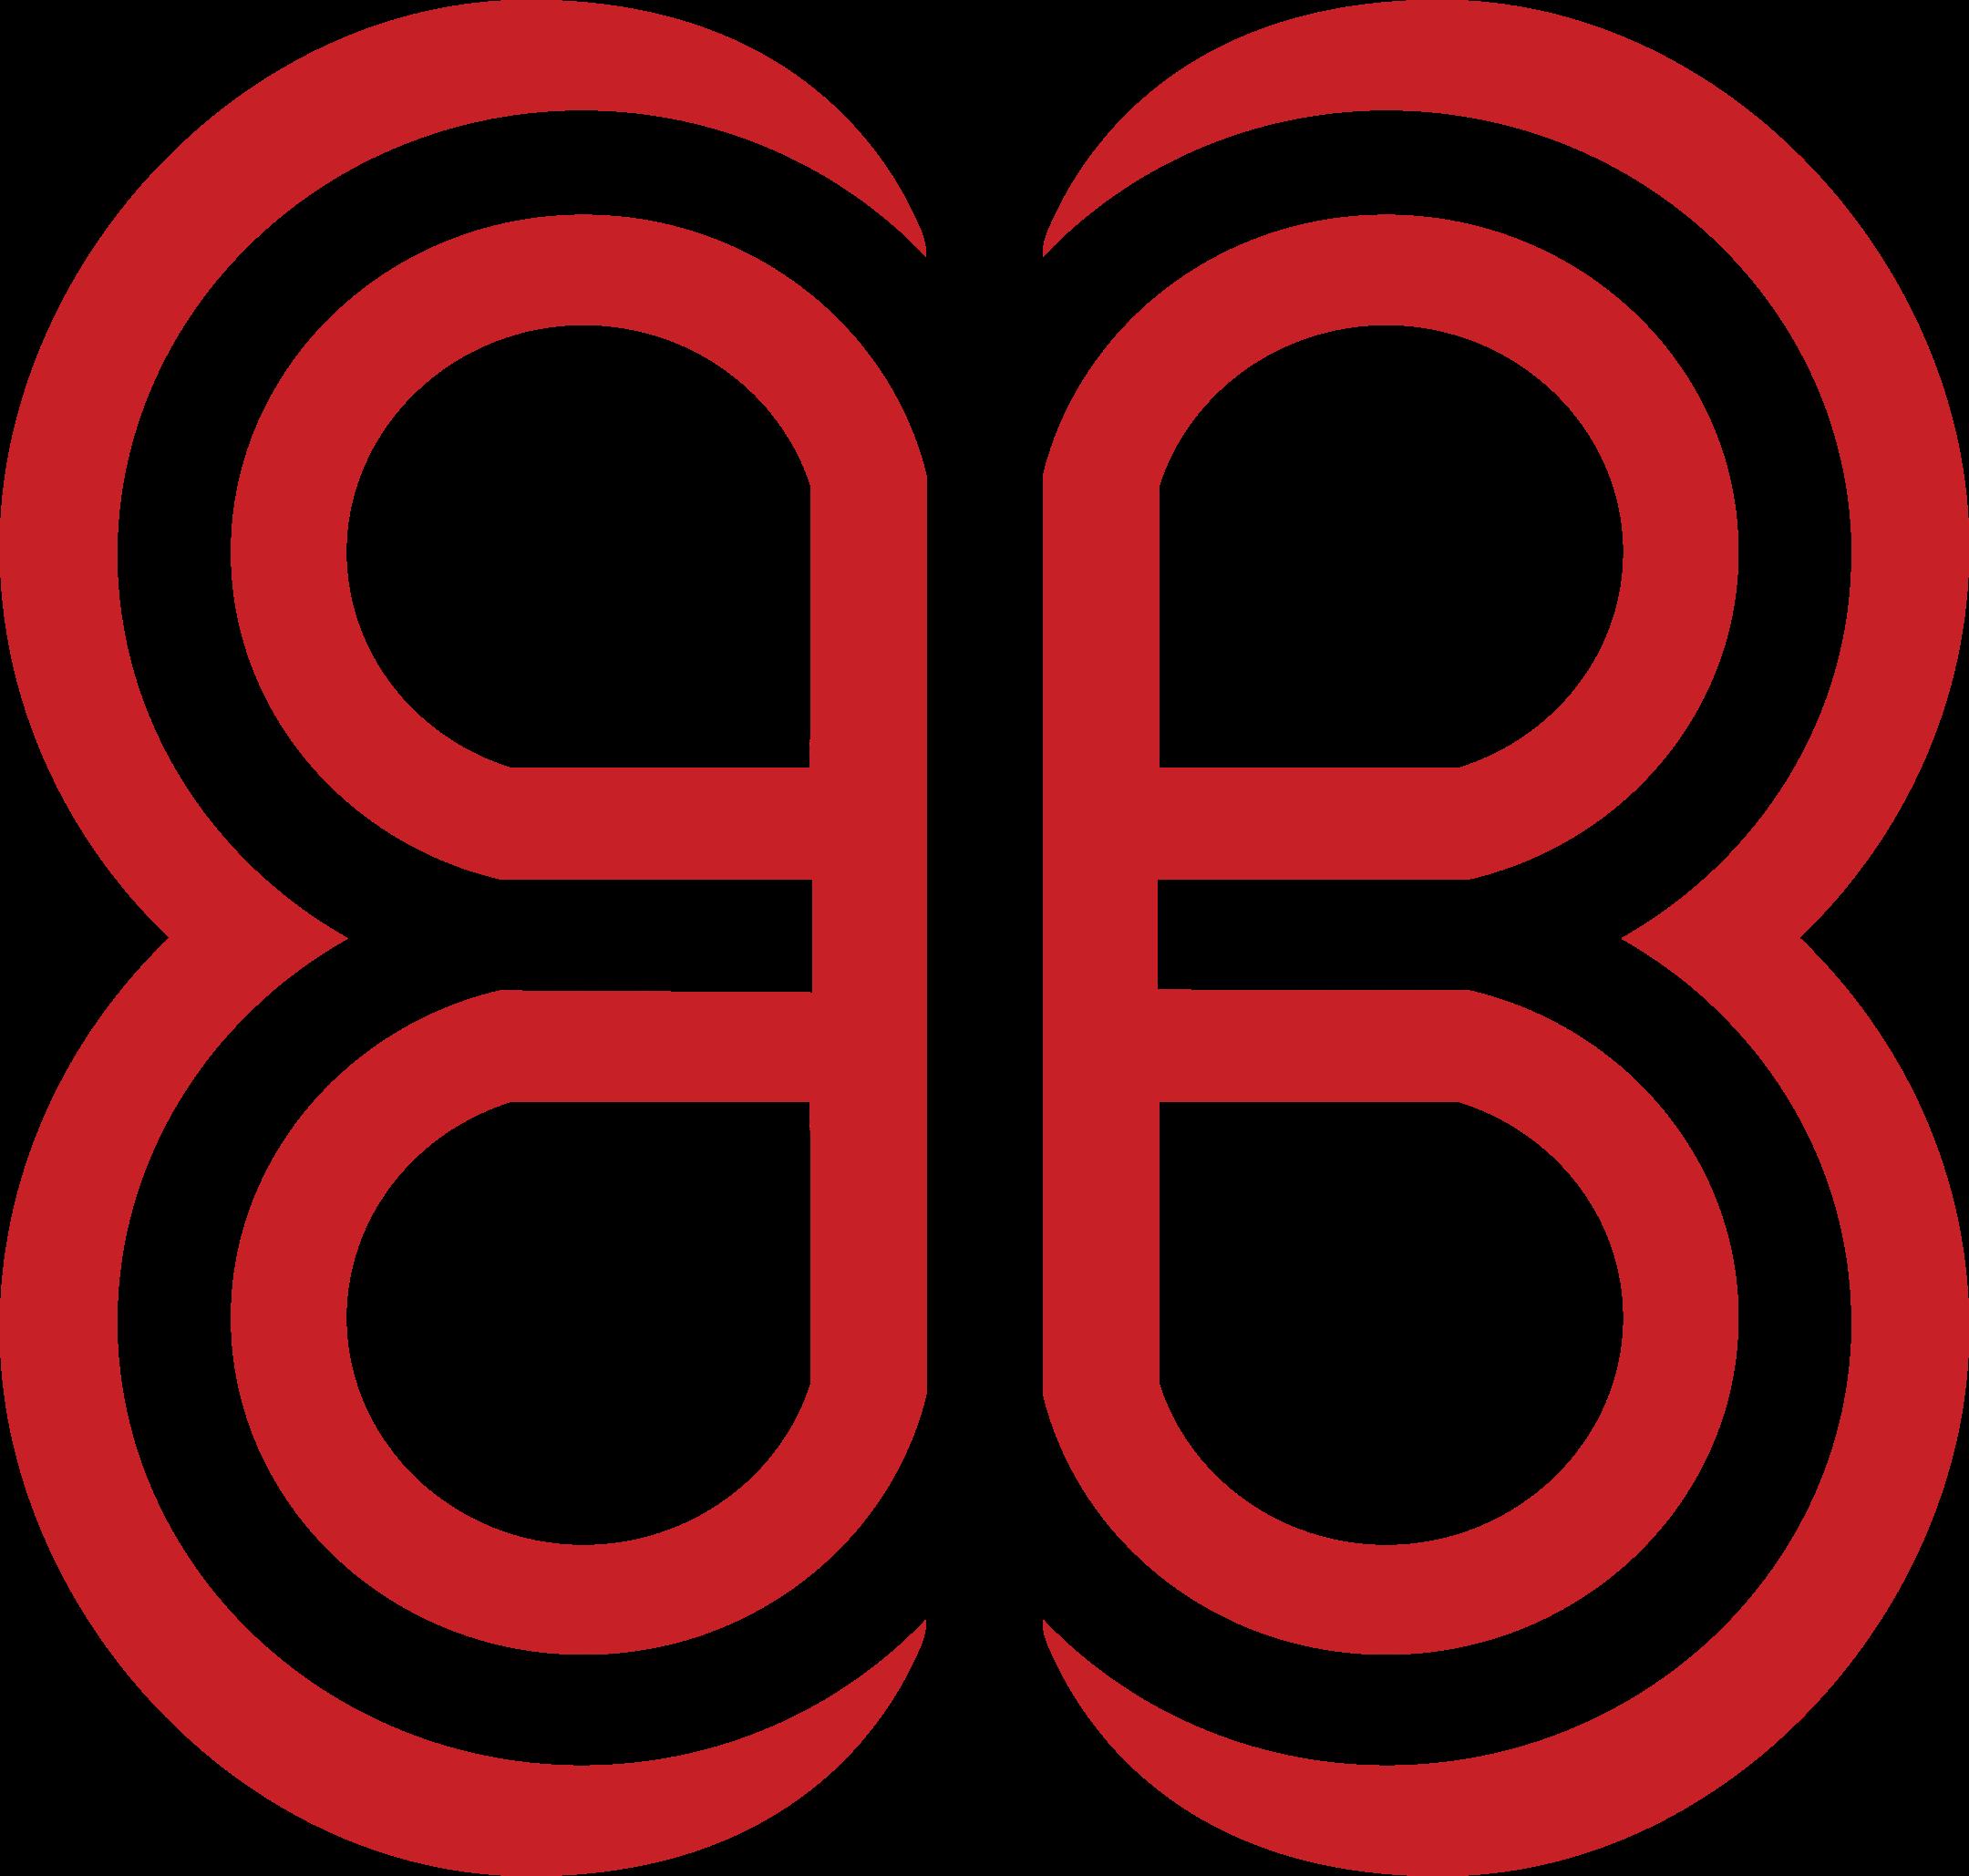 multiplan logo 7 - Multiplan Logo